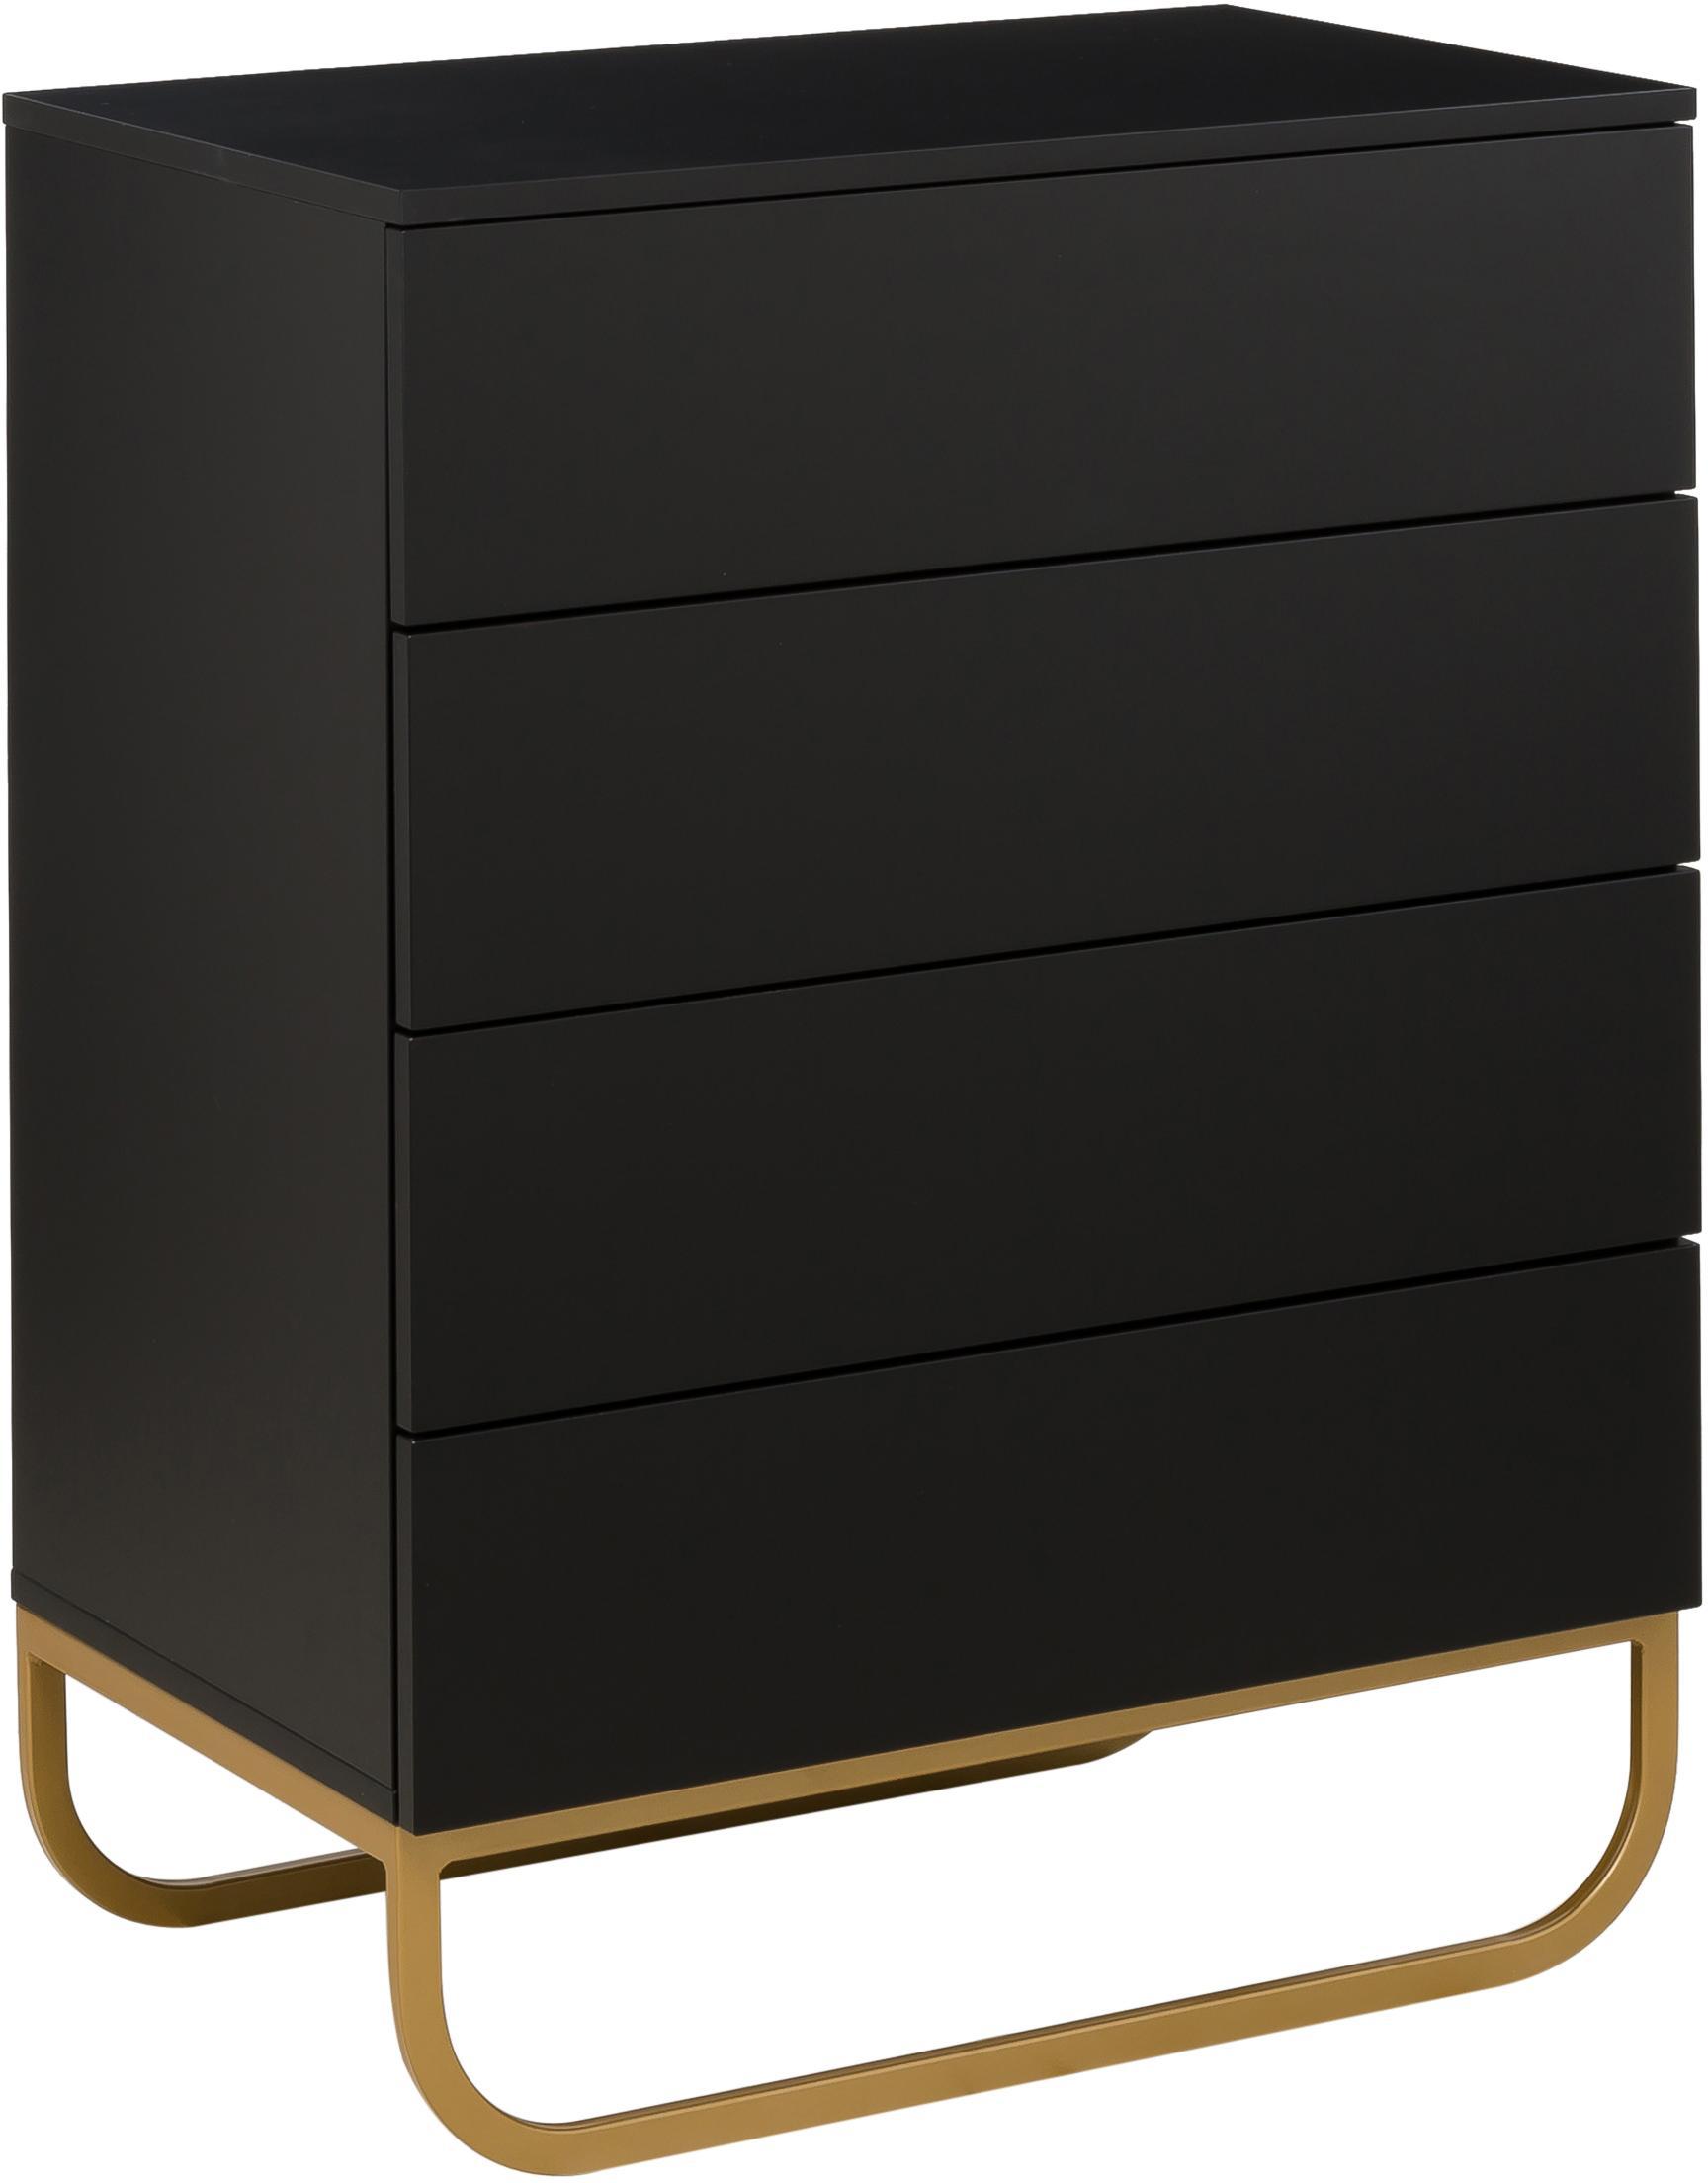 Schubladenkommode Sanford in Schwarz, Korpus: Mitteldichte Holzfaserpla, Korpus: Schwarz, mattFussgestell: Goldfarben, matt, 80 x 106 cm